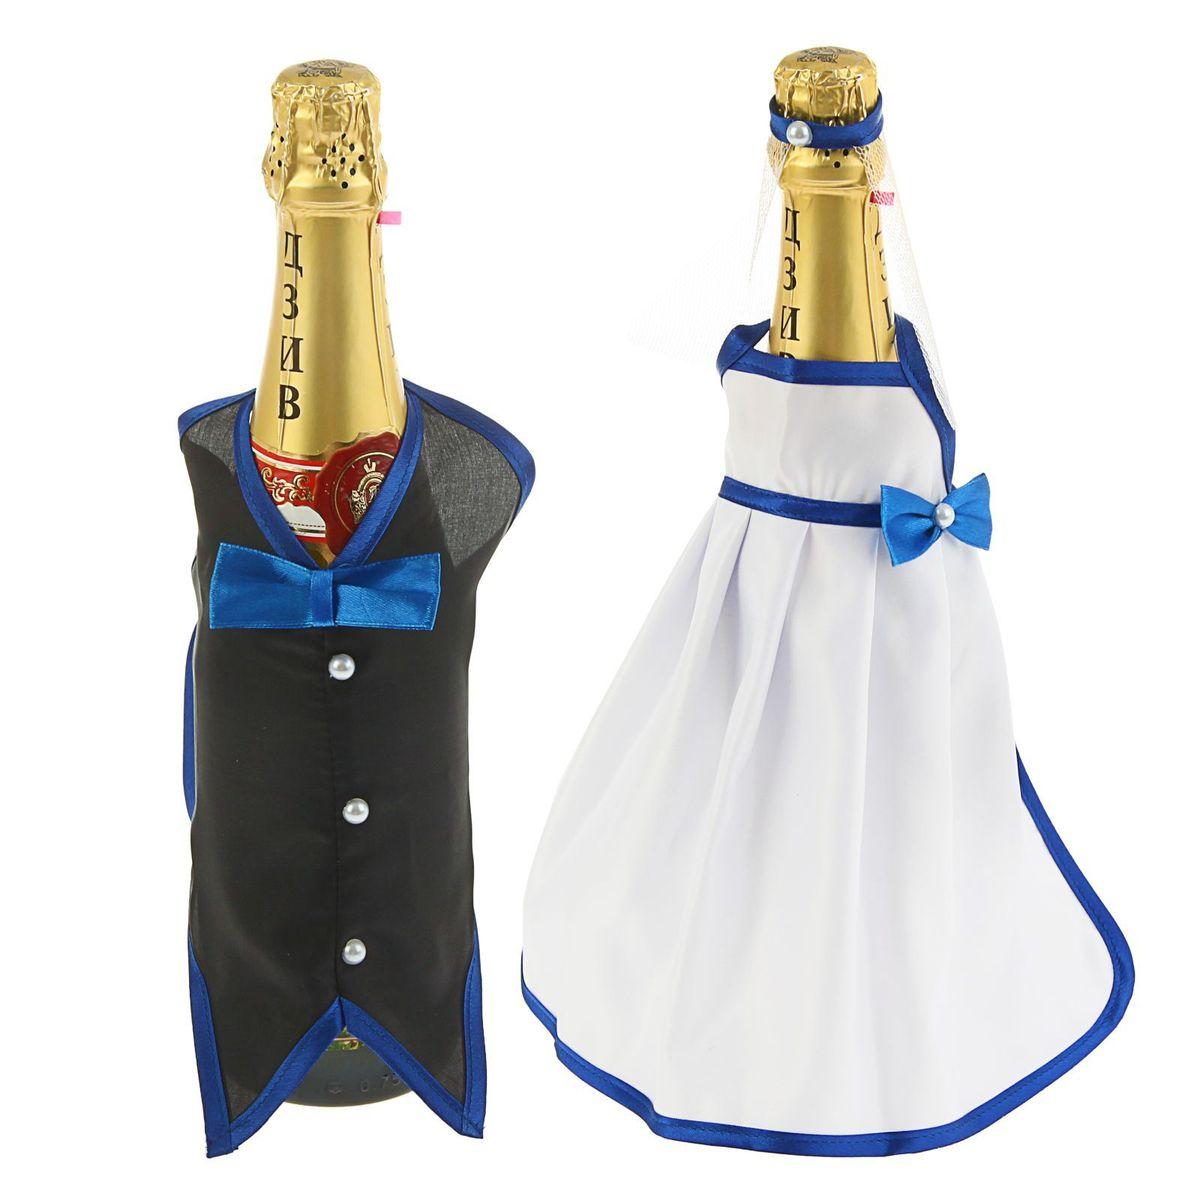 Sima-land Одежда на бутылку, белое платье, черный костюм, синее оформление1161867Для создания отличного мероприятия в ход идут самые удивительные приемы: скульптуры из воздушных шаров, клоуны и стриптизерши, выпрыгивающие из торта, роскошно украшенные столы... Но мы предлагаем вам не остановиться на этом, ведь именно из мелочей складывается атмосфера незабываемого праздника. Одежда на бутылку – отличный способ украсить праздничный стол, обозначить напиток, который вы считаете звездой вашего стола, без слов рассказать о характере каждого напитка, и о том, кому он предназначен, да и просто добавить яркий необычный элемент.